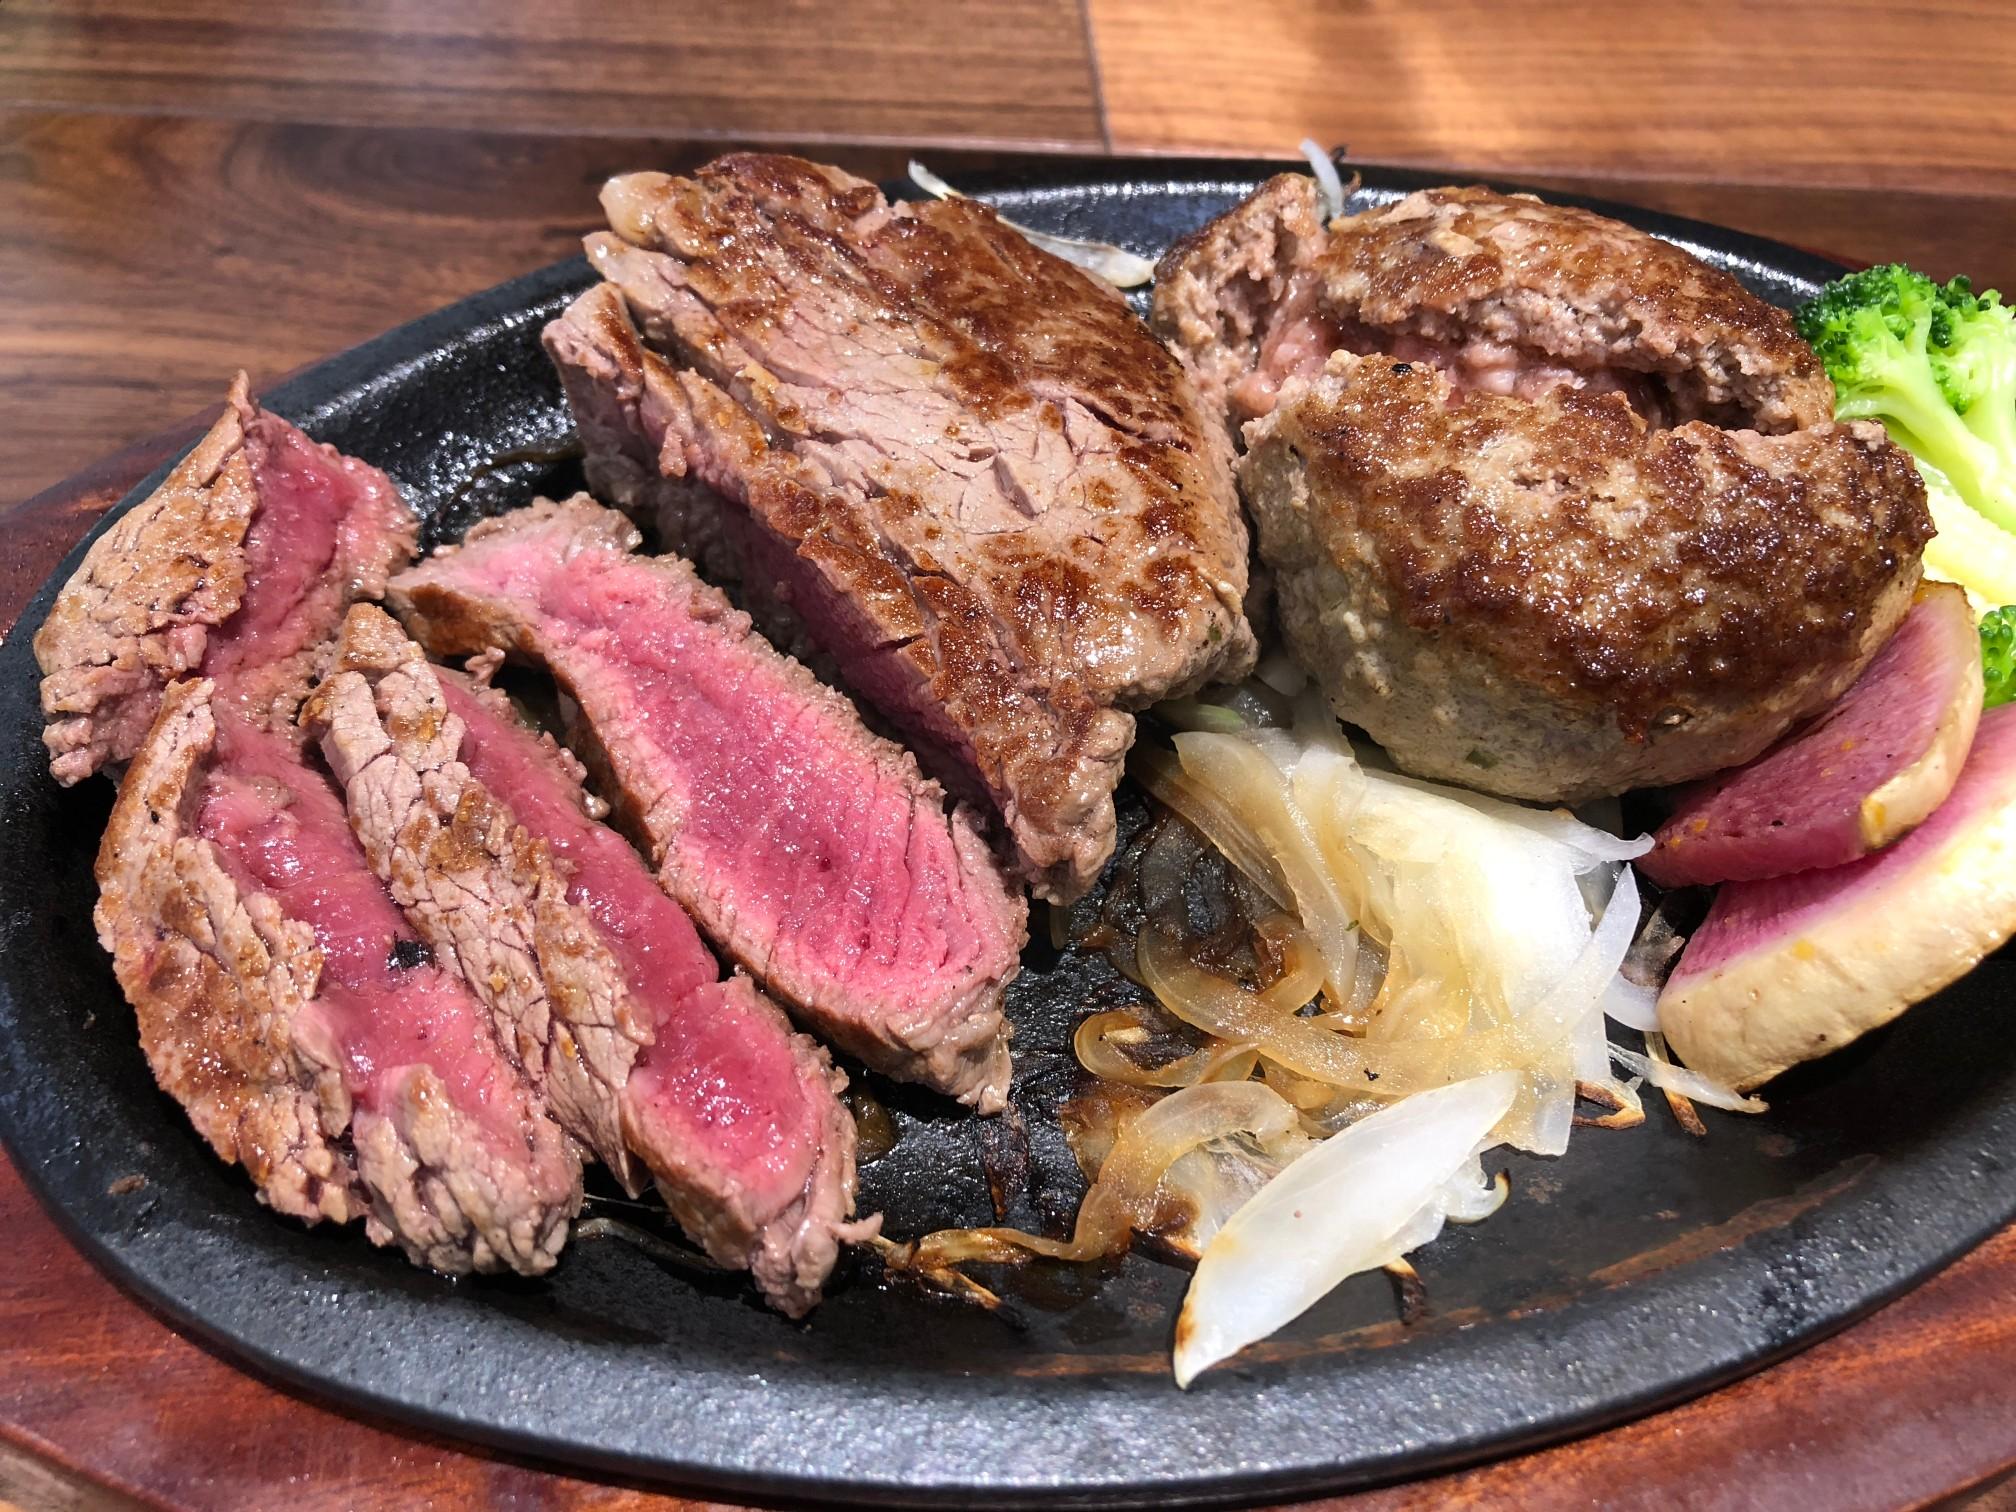 渋谷 筋肉食堂でバキコラボのステーキ&ハンバーグを満喫してきたお話